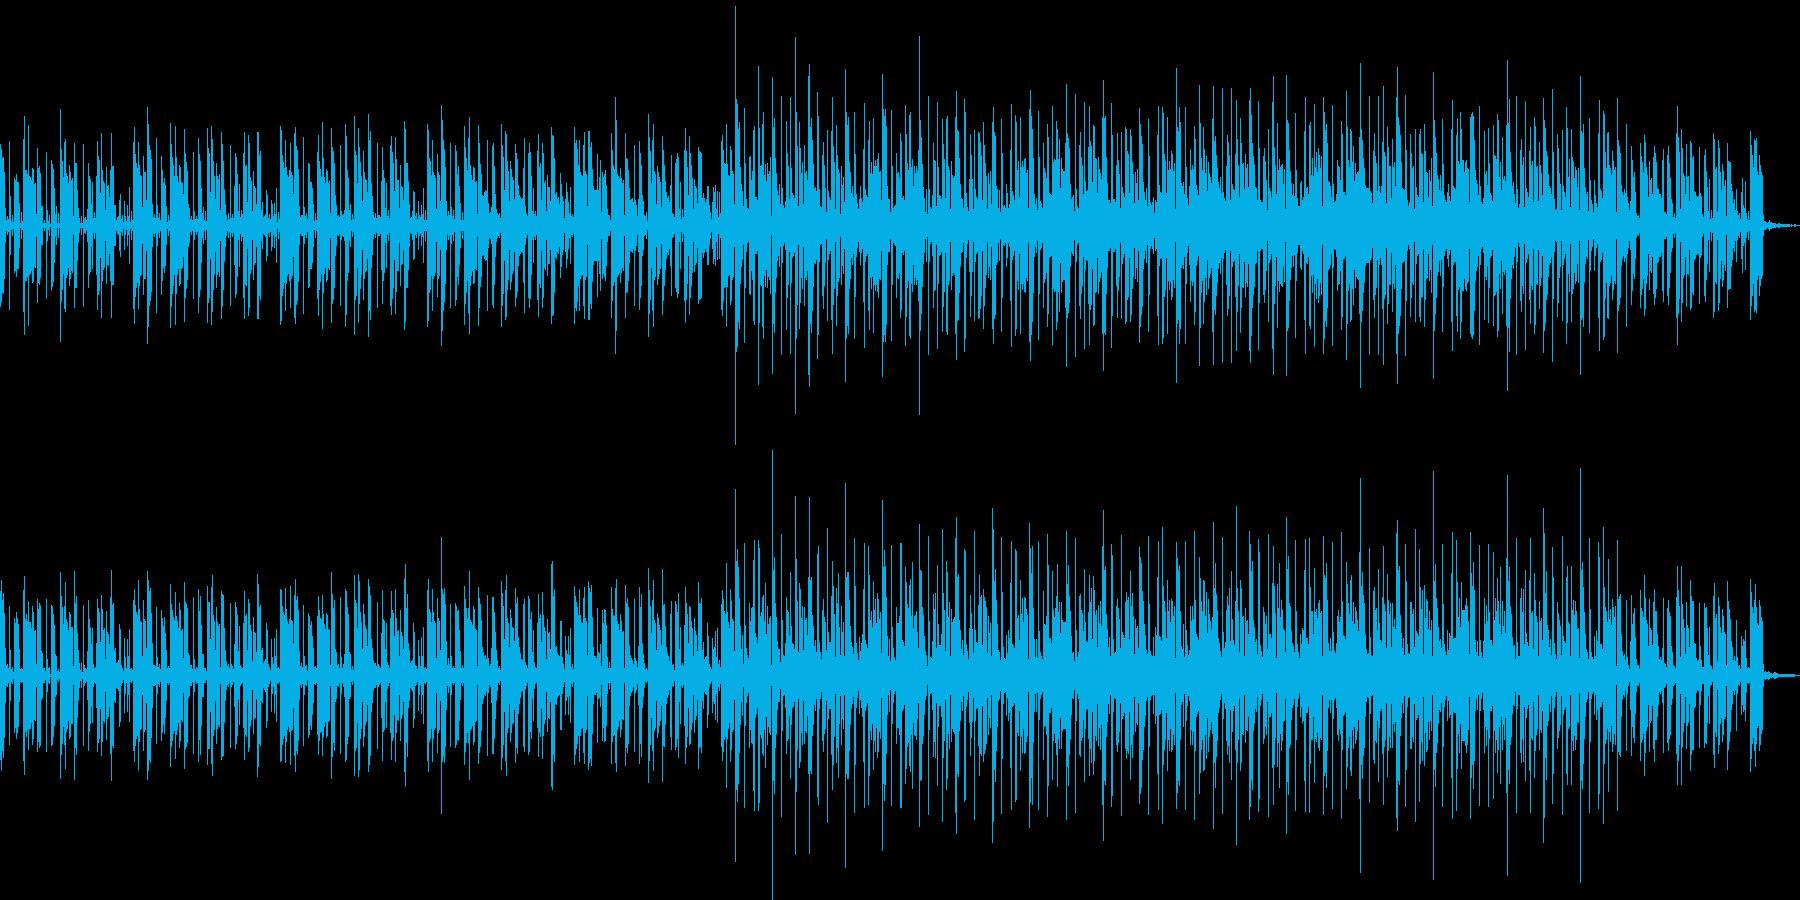 大自然を想像するリズミカルで力強い曲の再生済みの波形